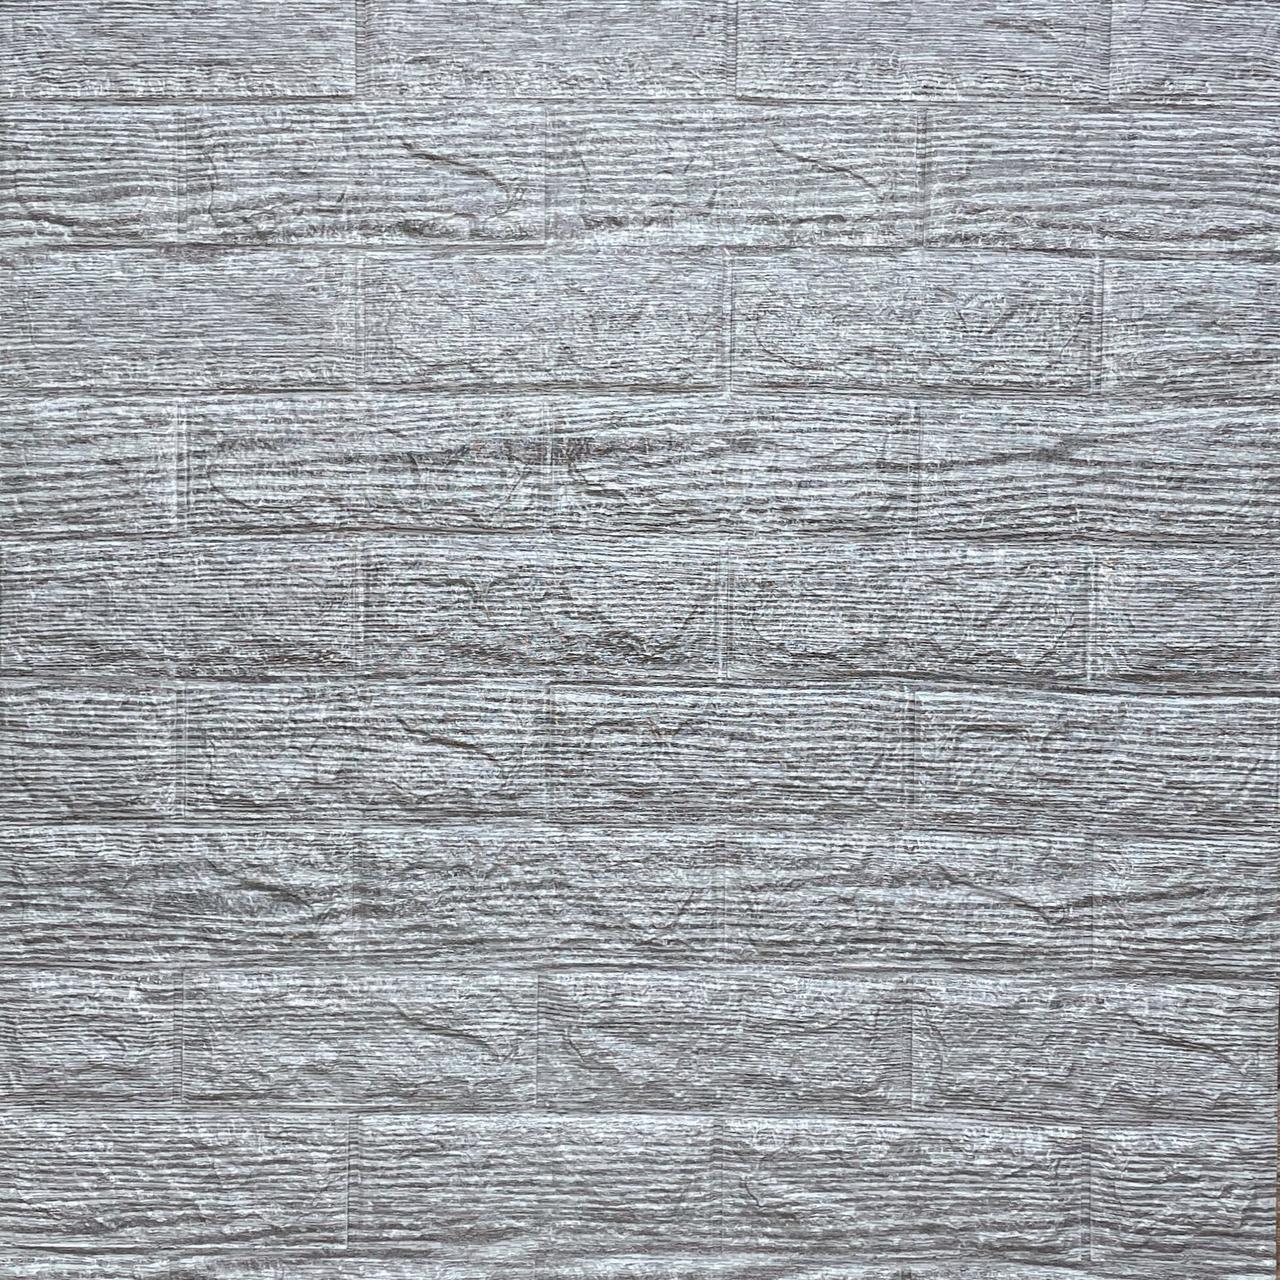 Самоклеющаяся декоративная 3D панель под кирпич серая полоска 700x770x5мм (183)